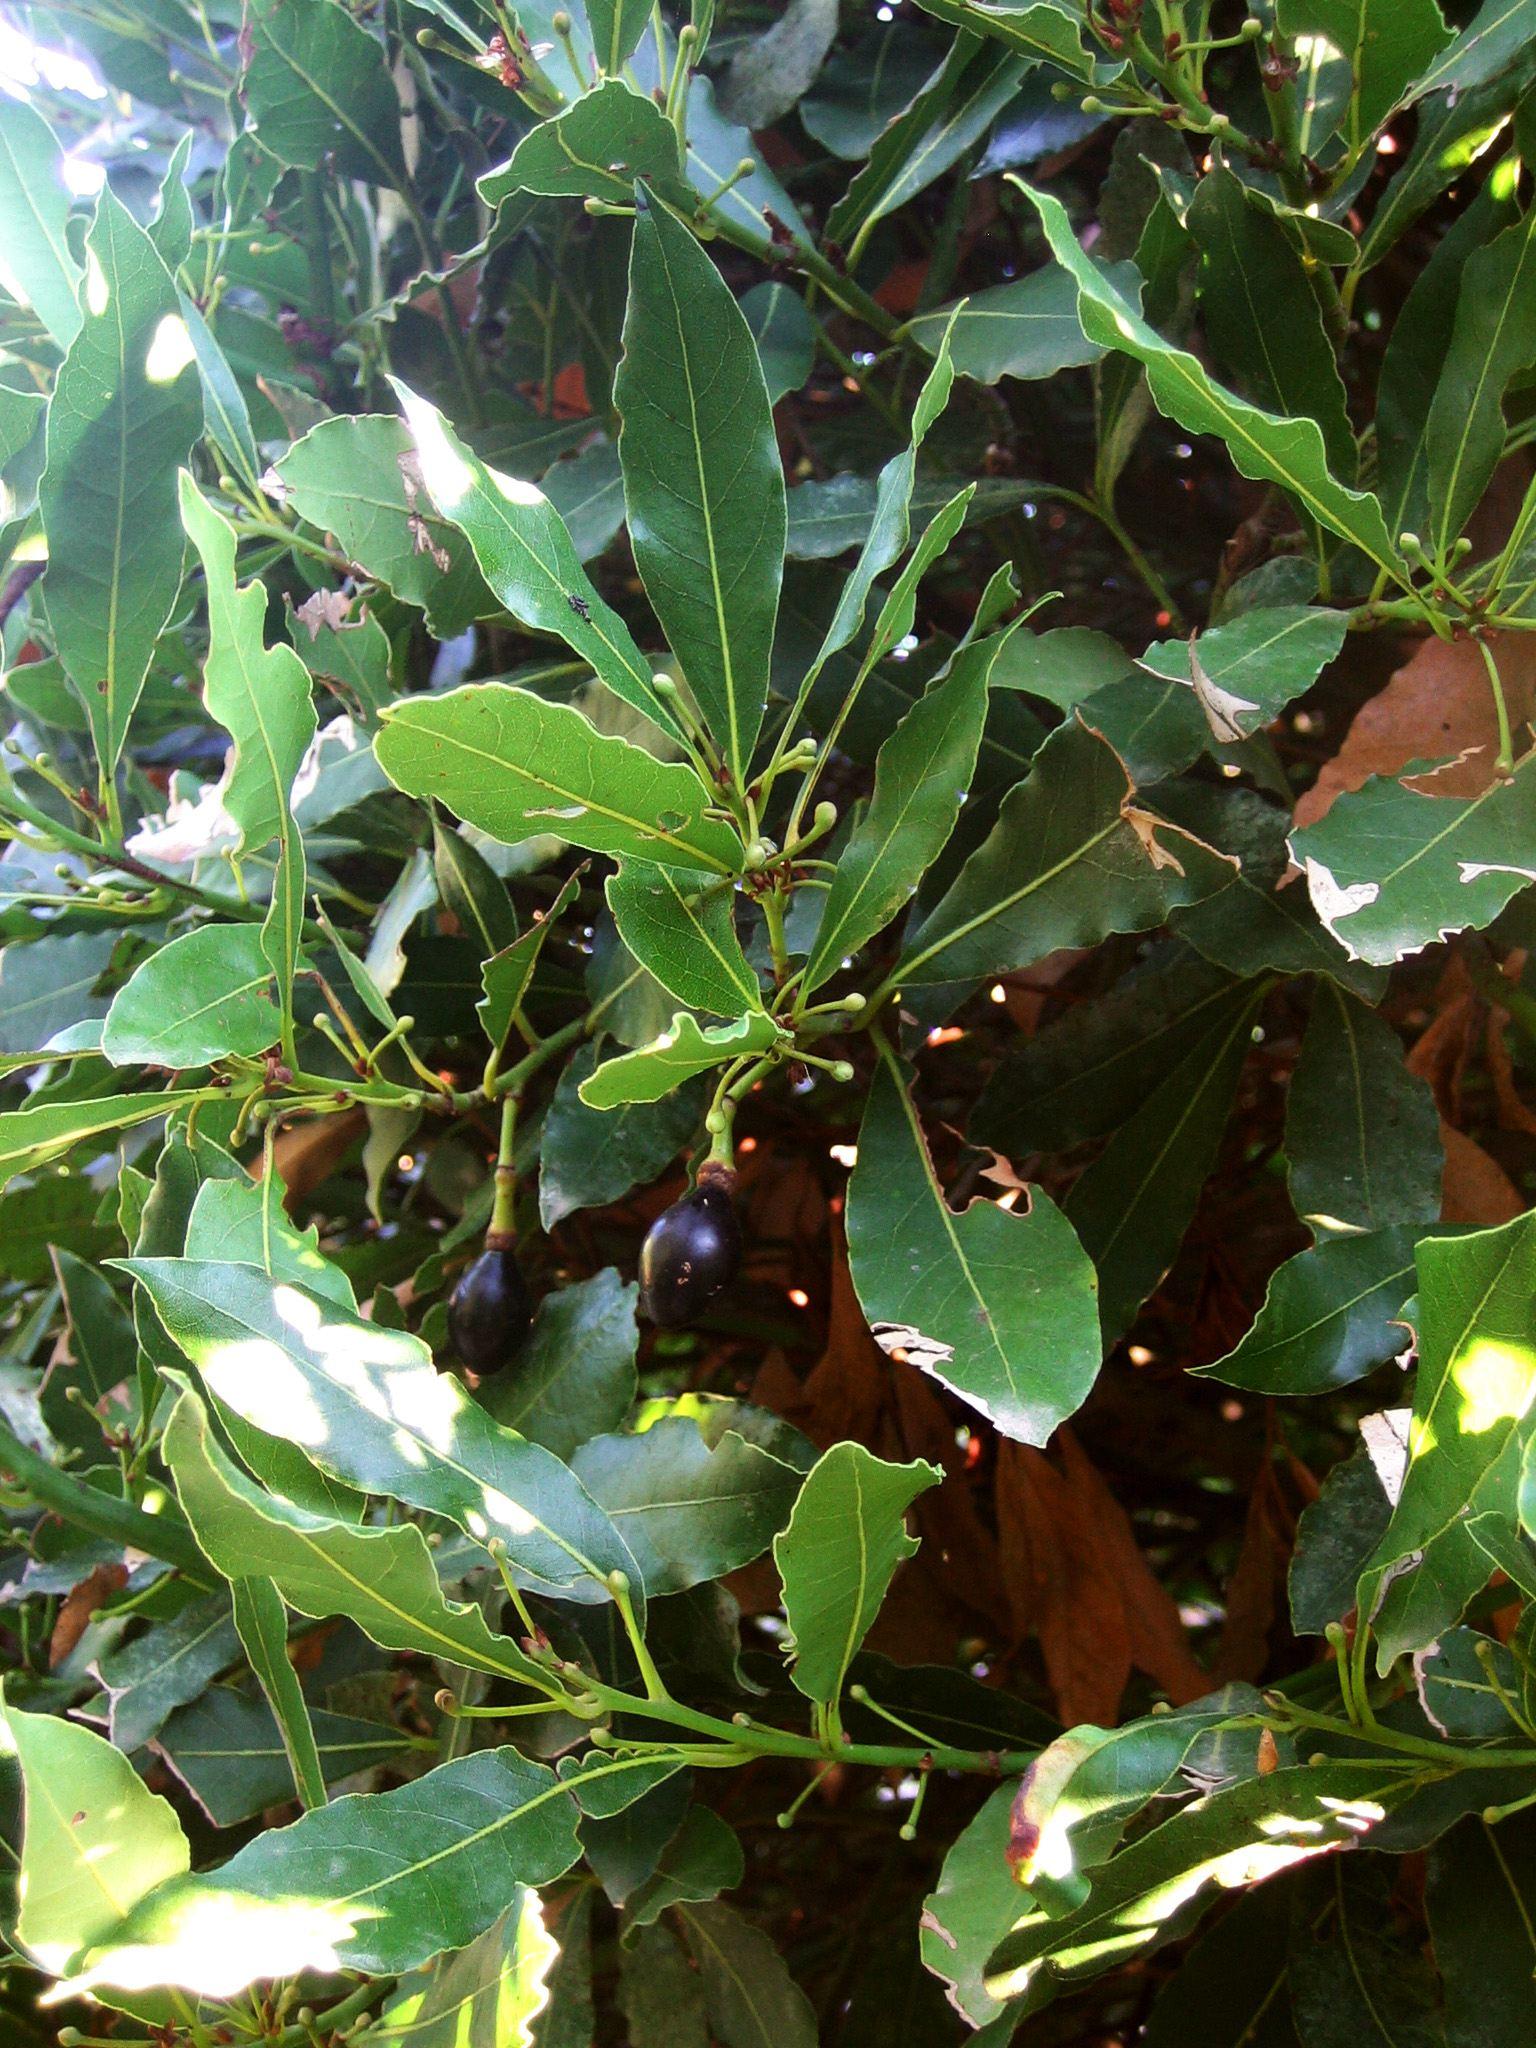 Lieblings Lorbeer - Anbau & Pflege, Ernte, Tee, Samen kaufen @WK_12